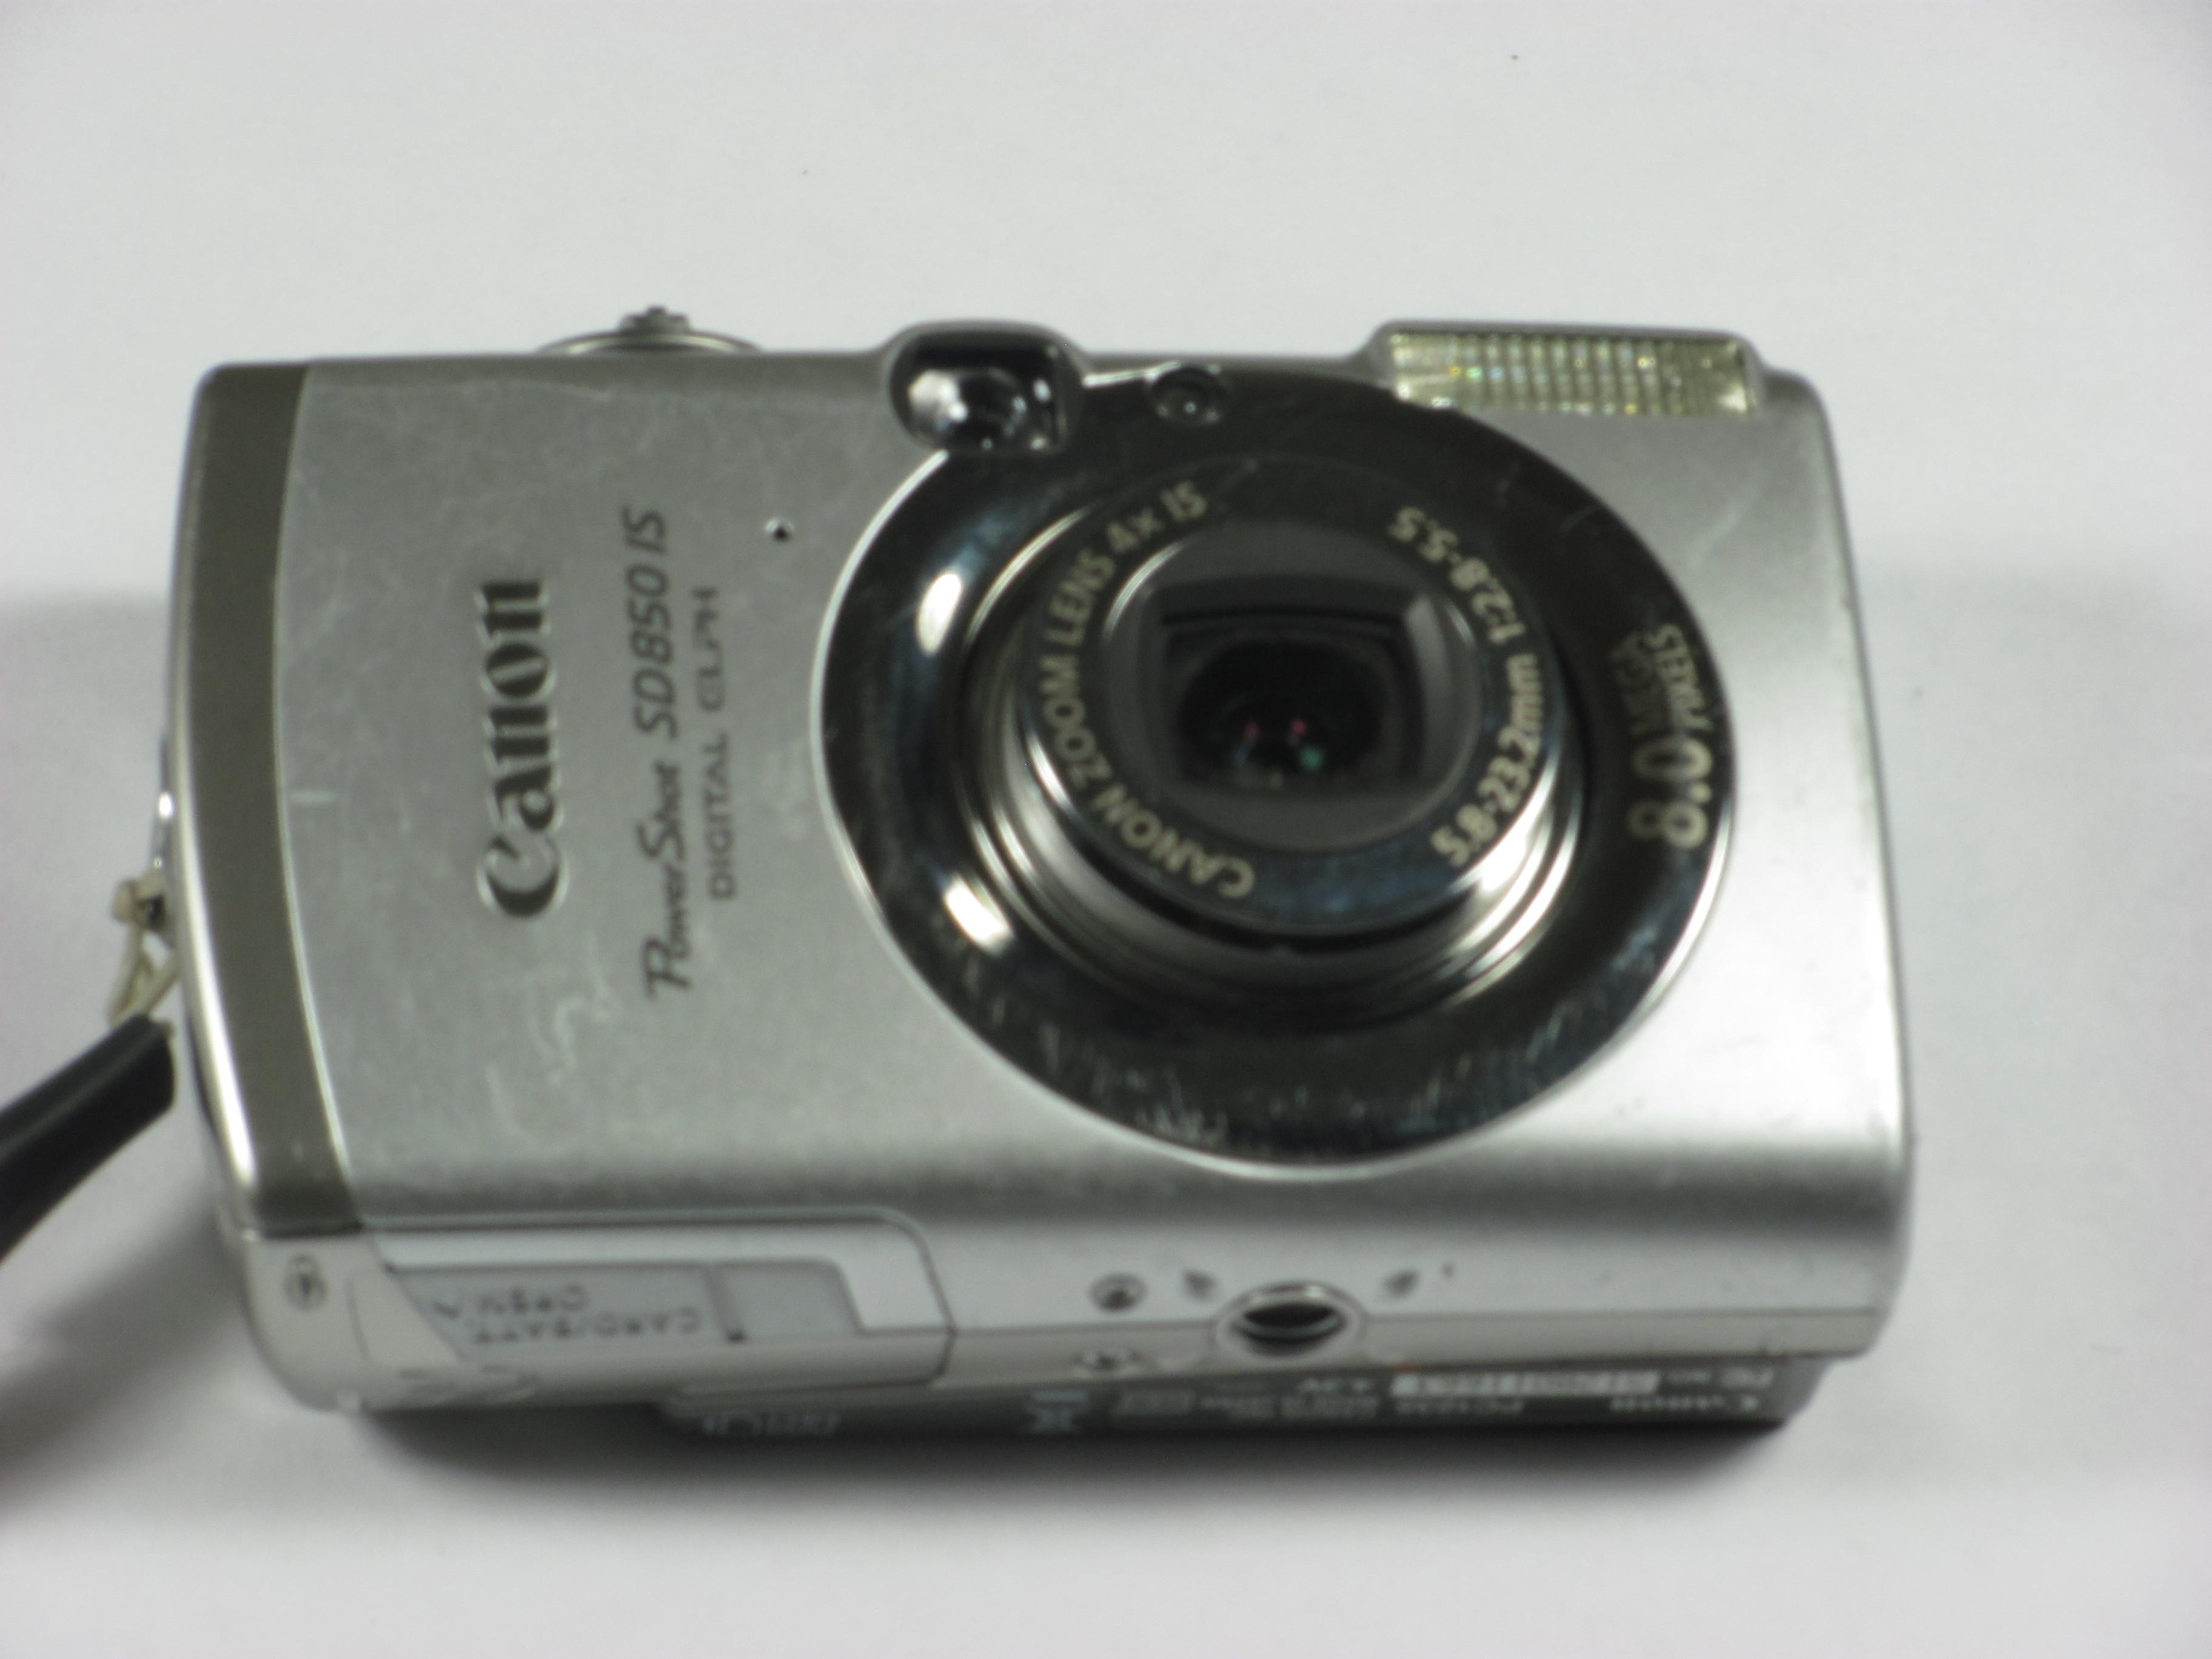 Goedkope digitale camera's van Canon vind je online bij bol.com! Canon